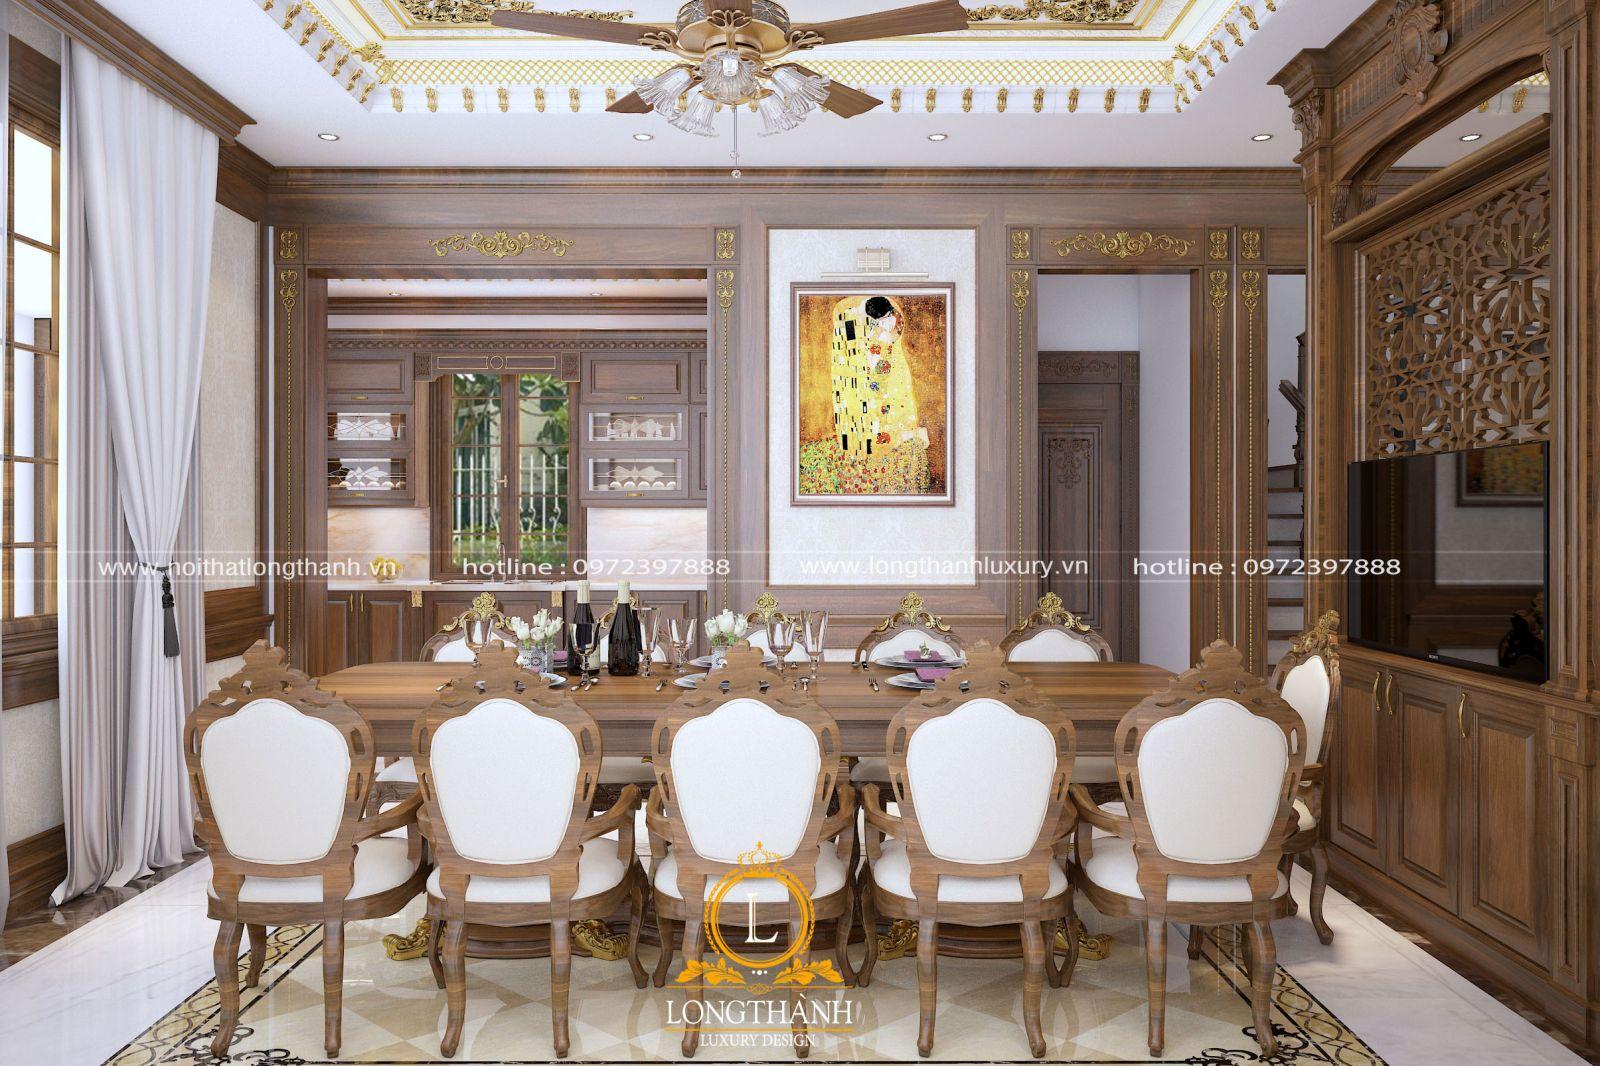 Bộ bàn ghế ăn 10 ghế với chất liệu gỗ Gõ tự nhiên